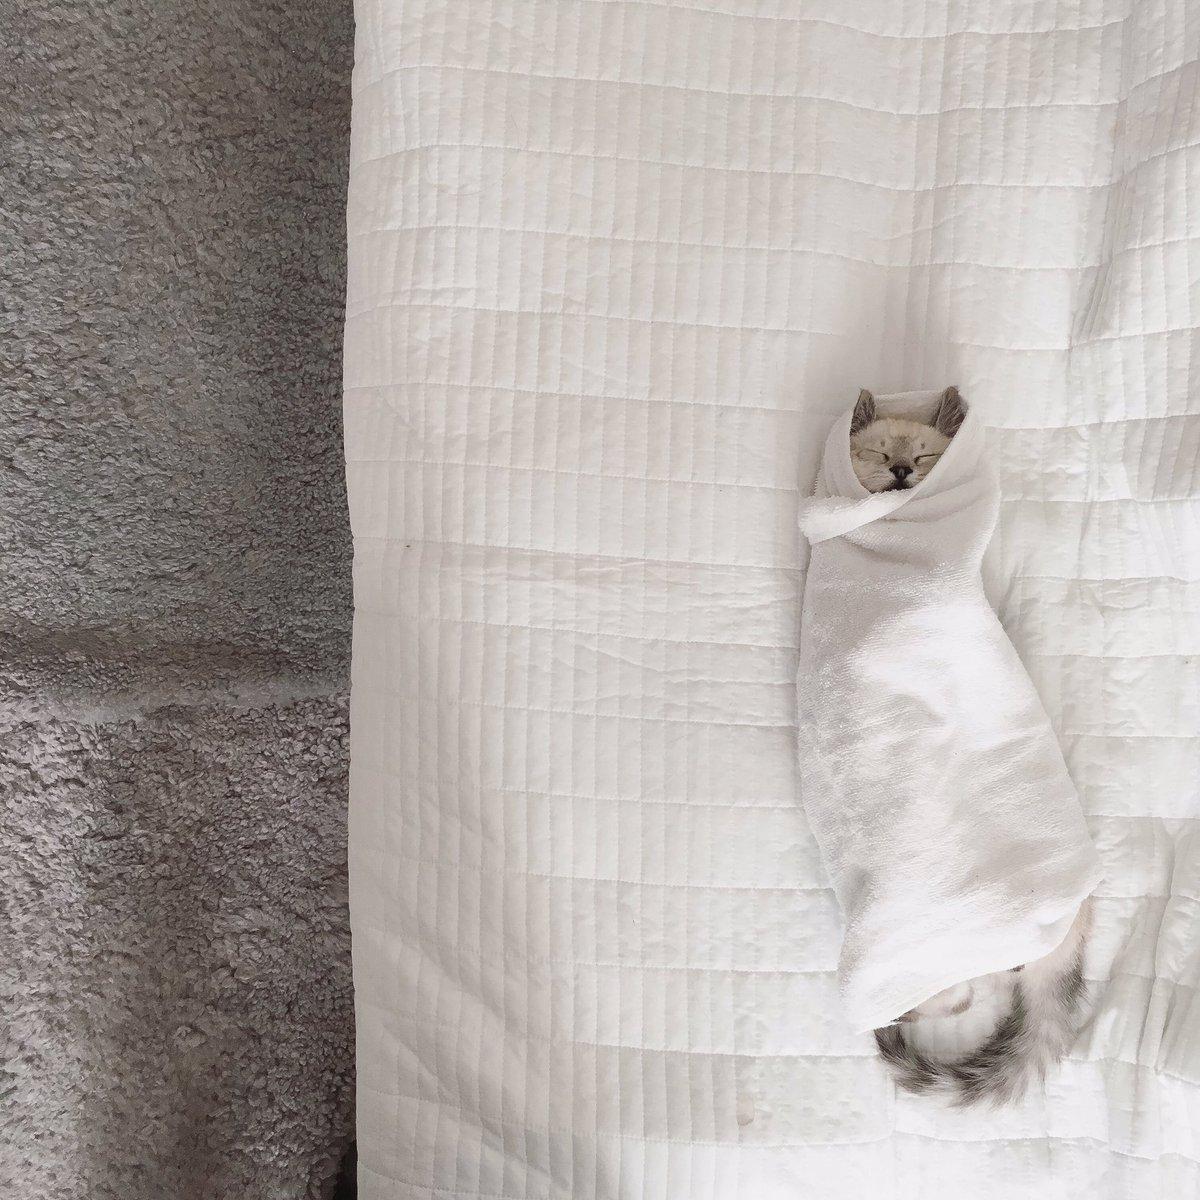 お包みをして、目薬をさしてイイコイイコしてたらそのまま寝ました。( ˘ω˘ )スヤァ… pic.twitter.com/PE2cjtPaqq